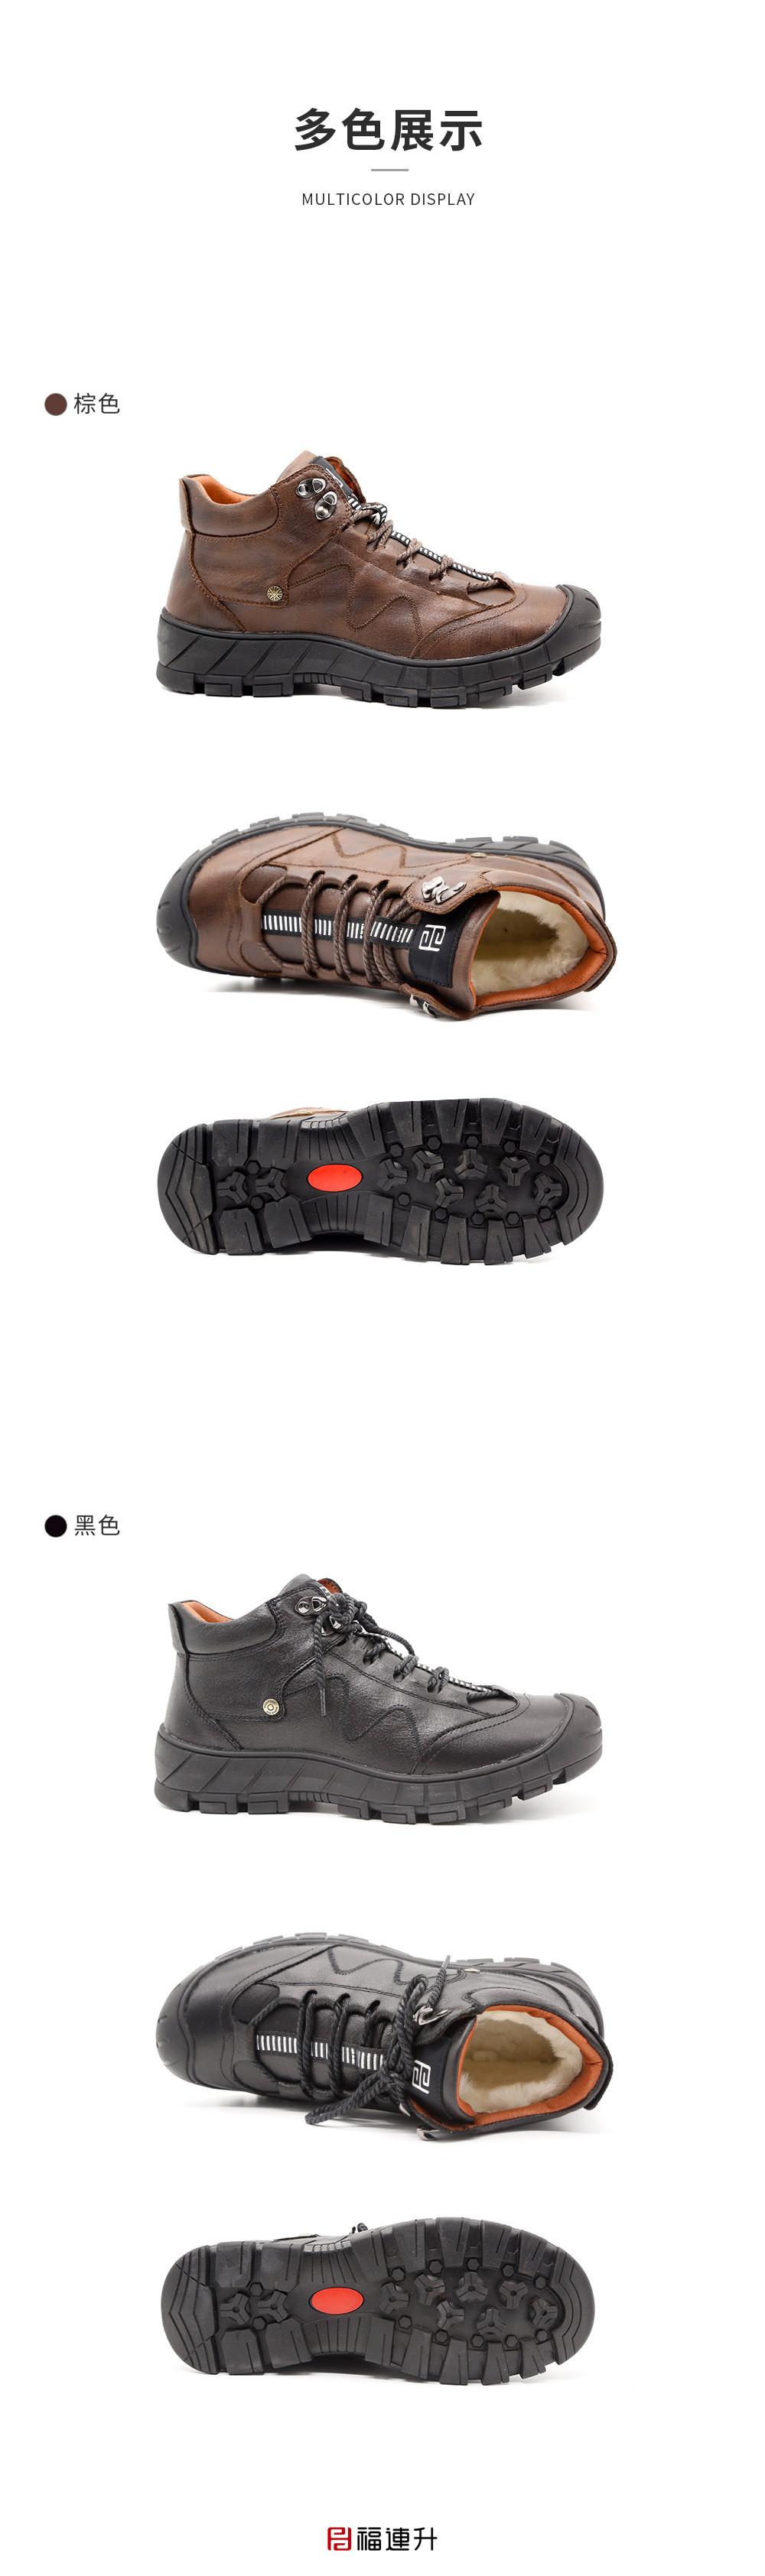 福连升冬季男士棉鞋高帮男鞋冬季保暖加绒旅游鞋户外鞋图片